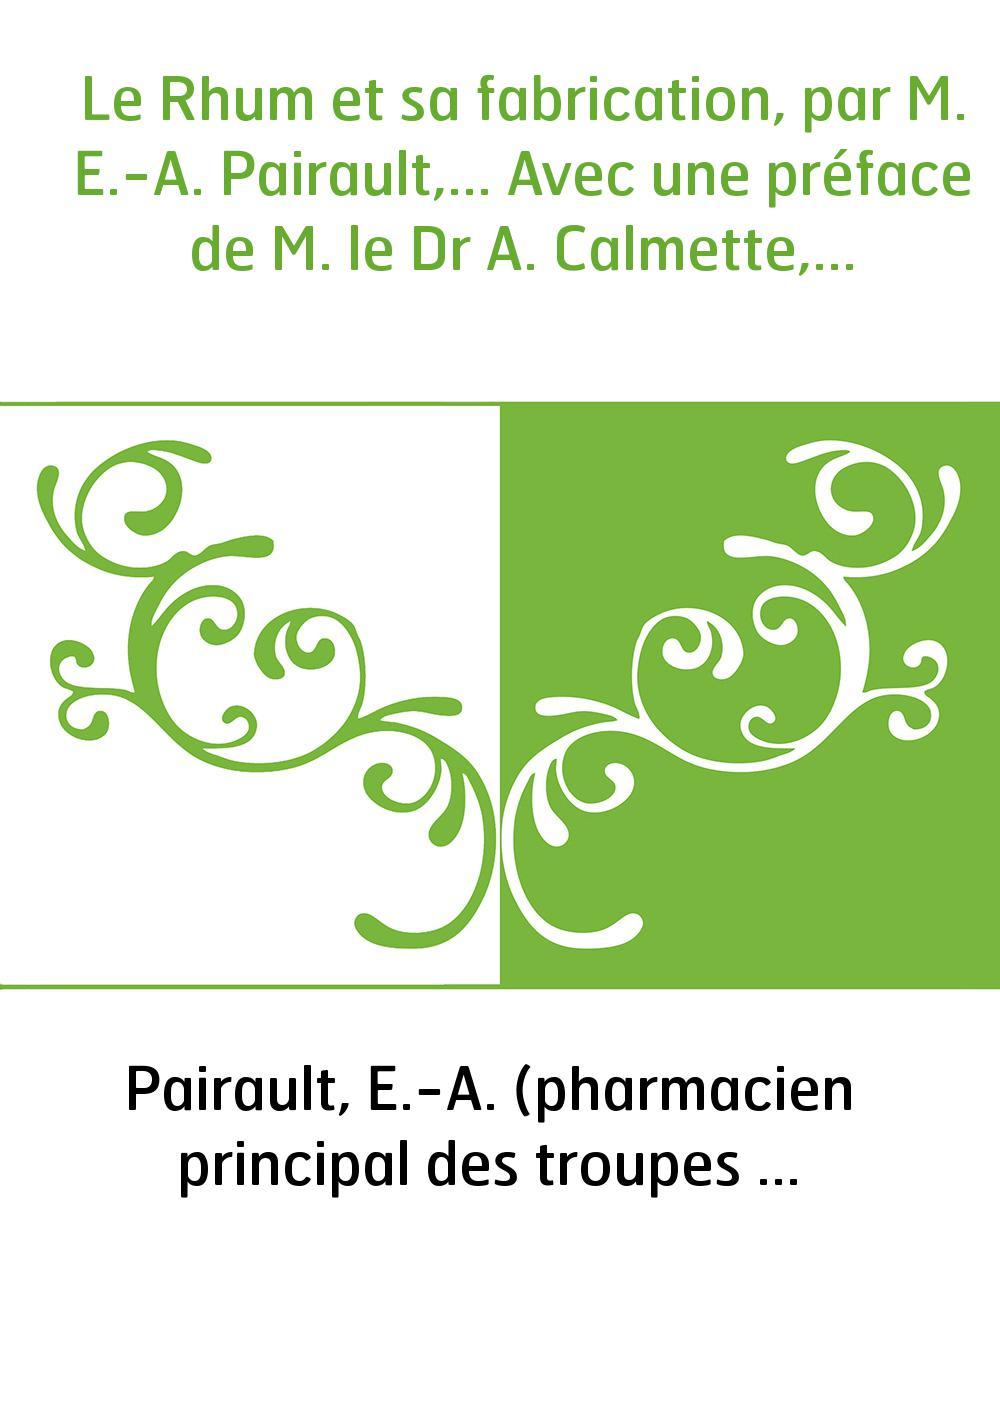 Le Rhum et sa fabrication, par M. E.-A. Pairault,... Avec une préface de M. le Dr A. Calmette,...